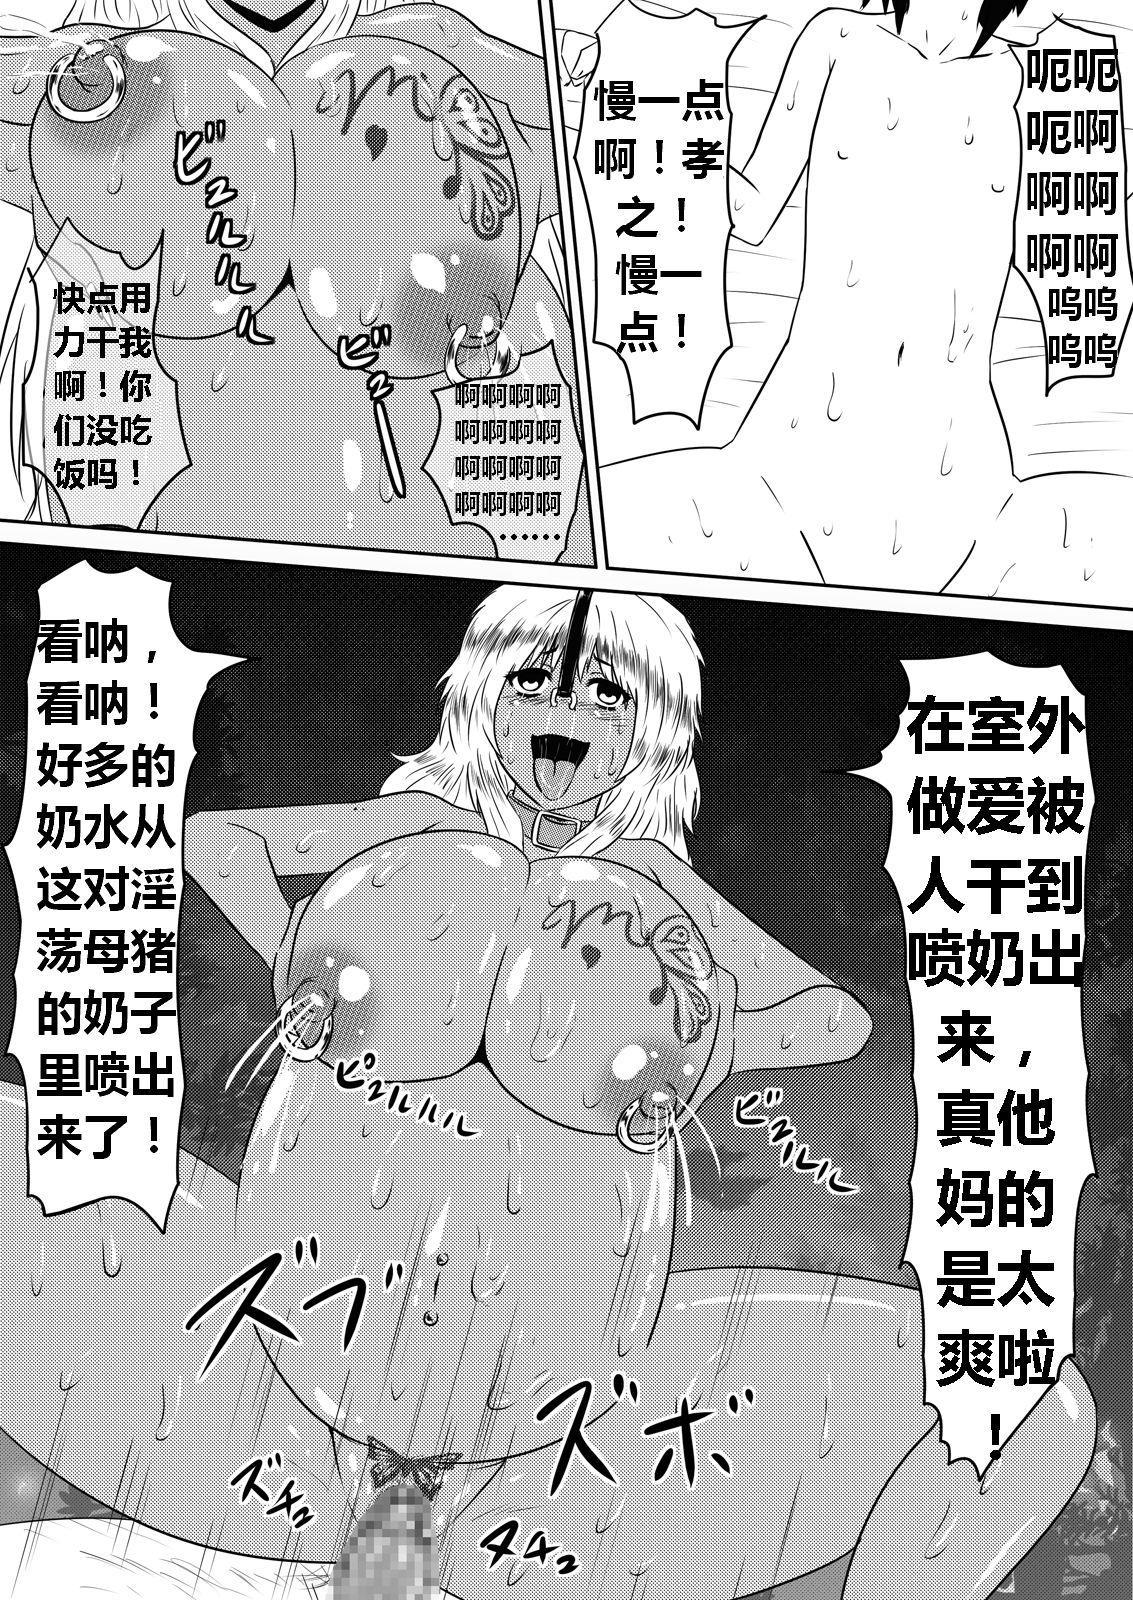 Ore no Kanojo ga Fuuzokujou ni Natta Riyuu | 女朋友下海拍片了 97